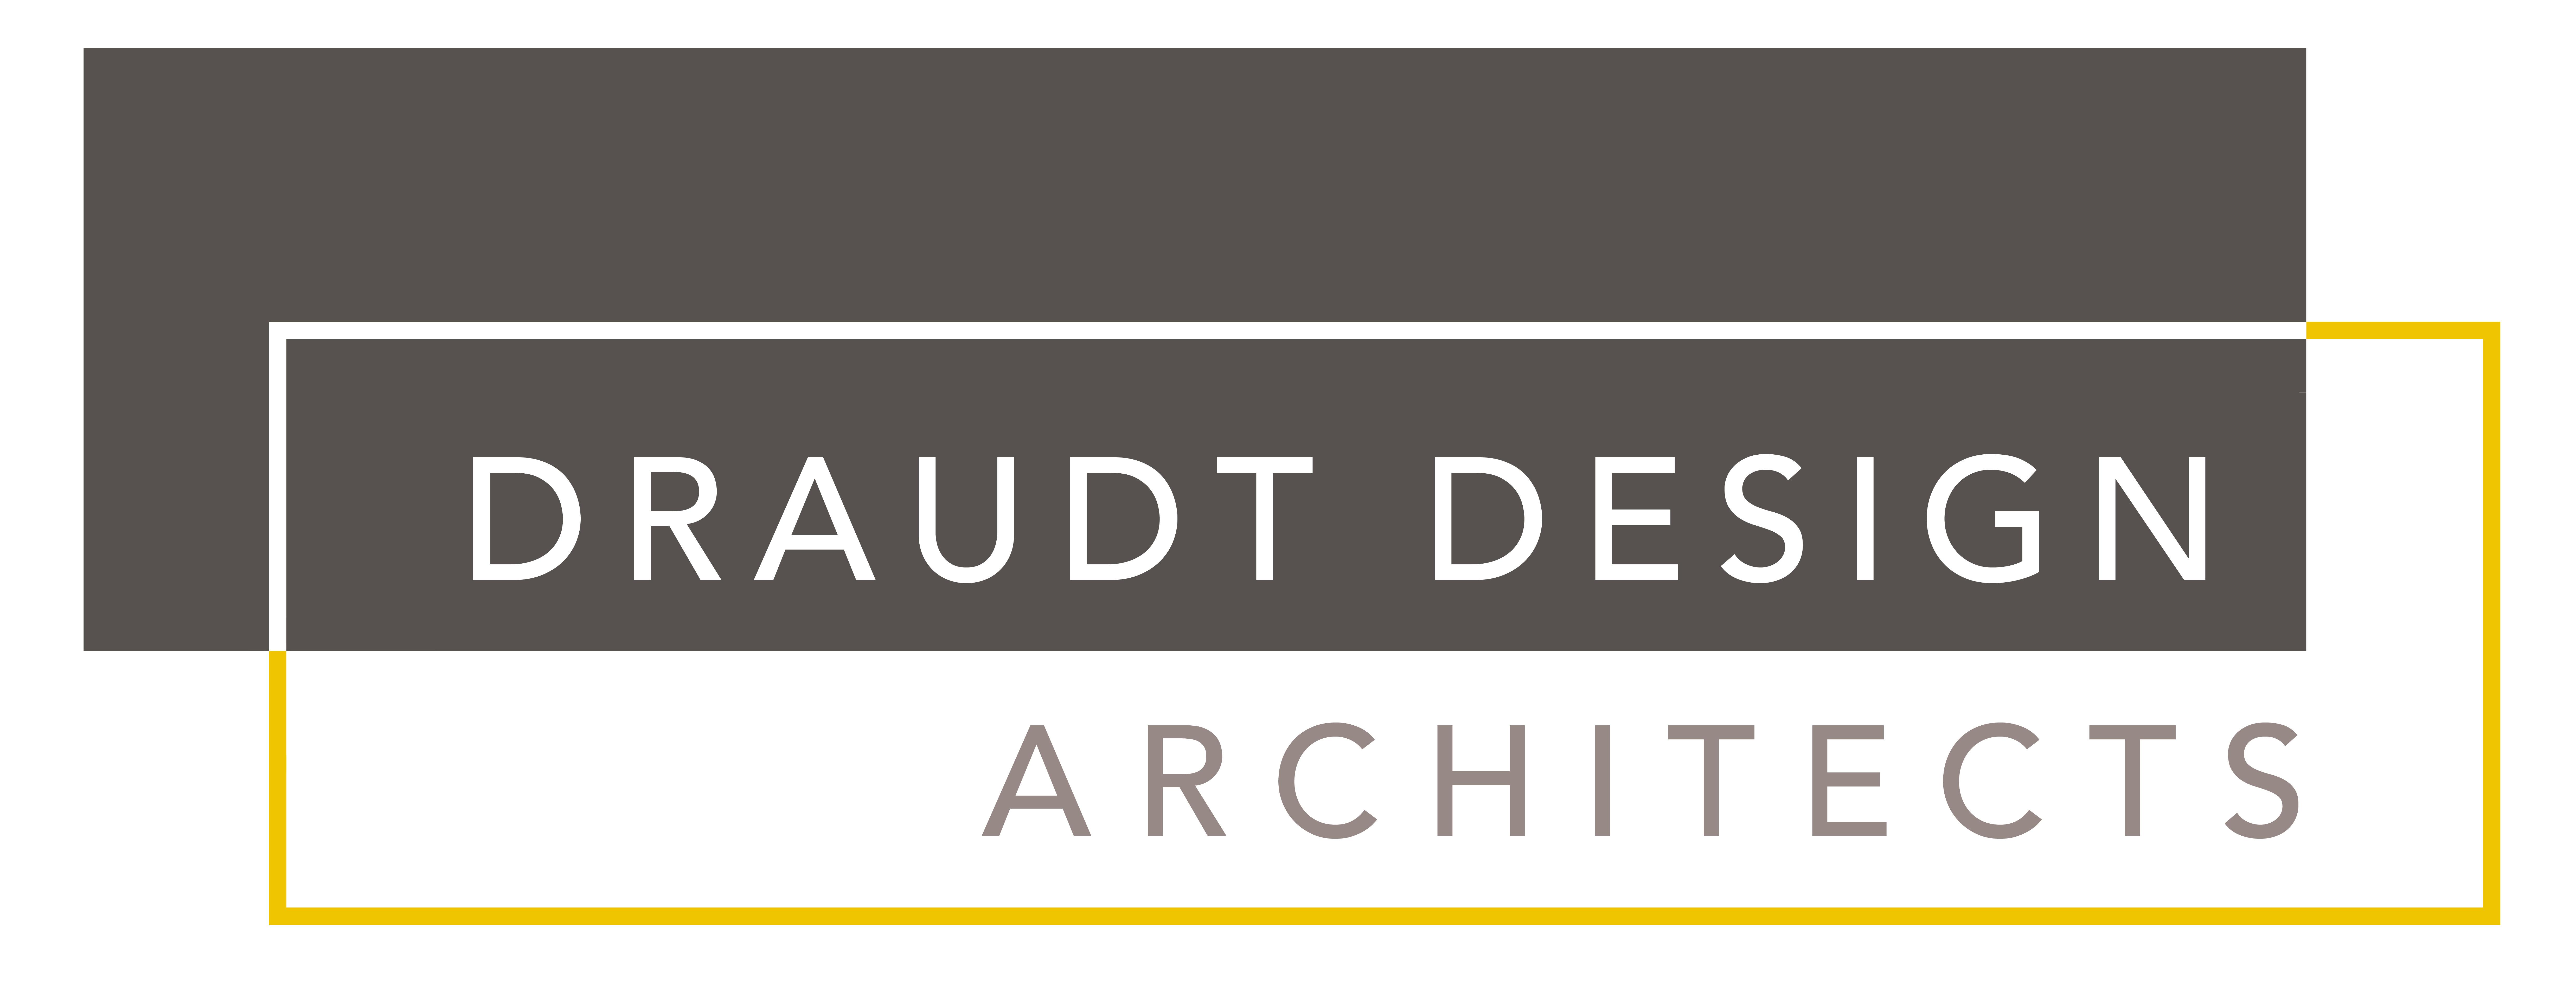 Draudt Design Architects